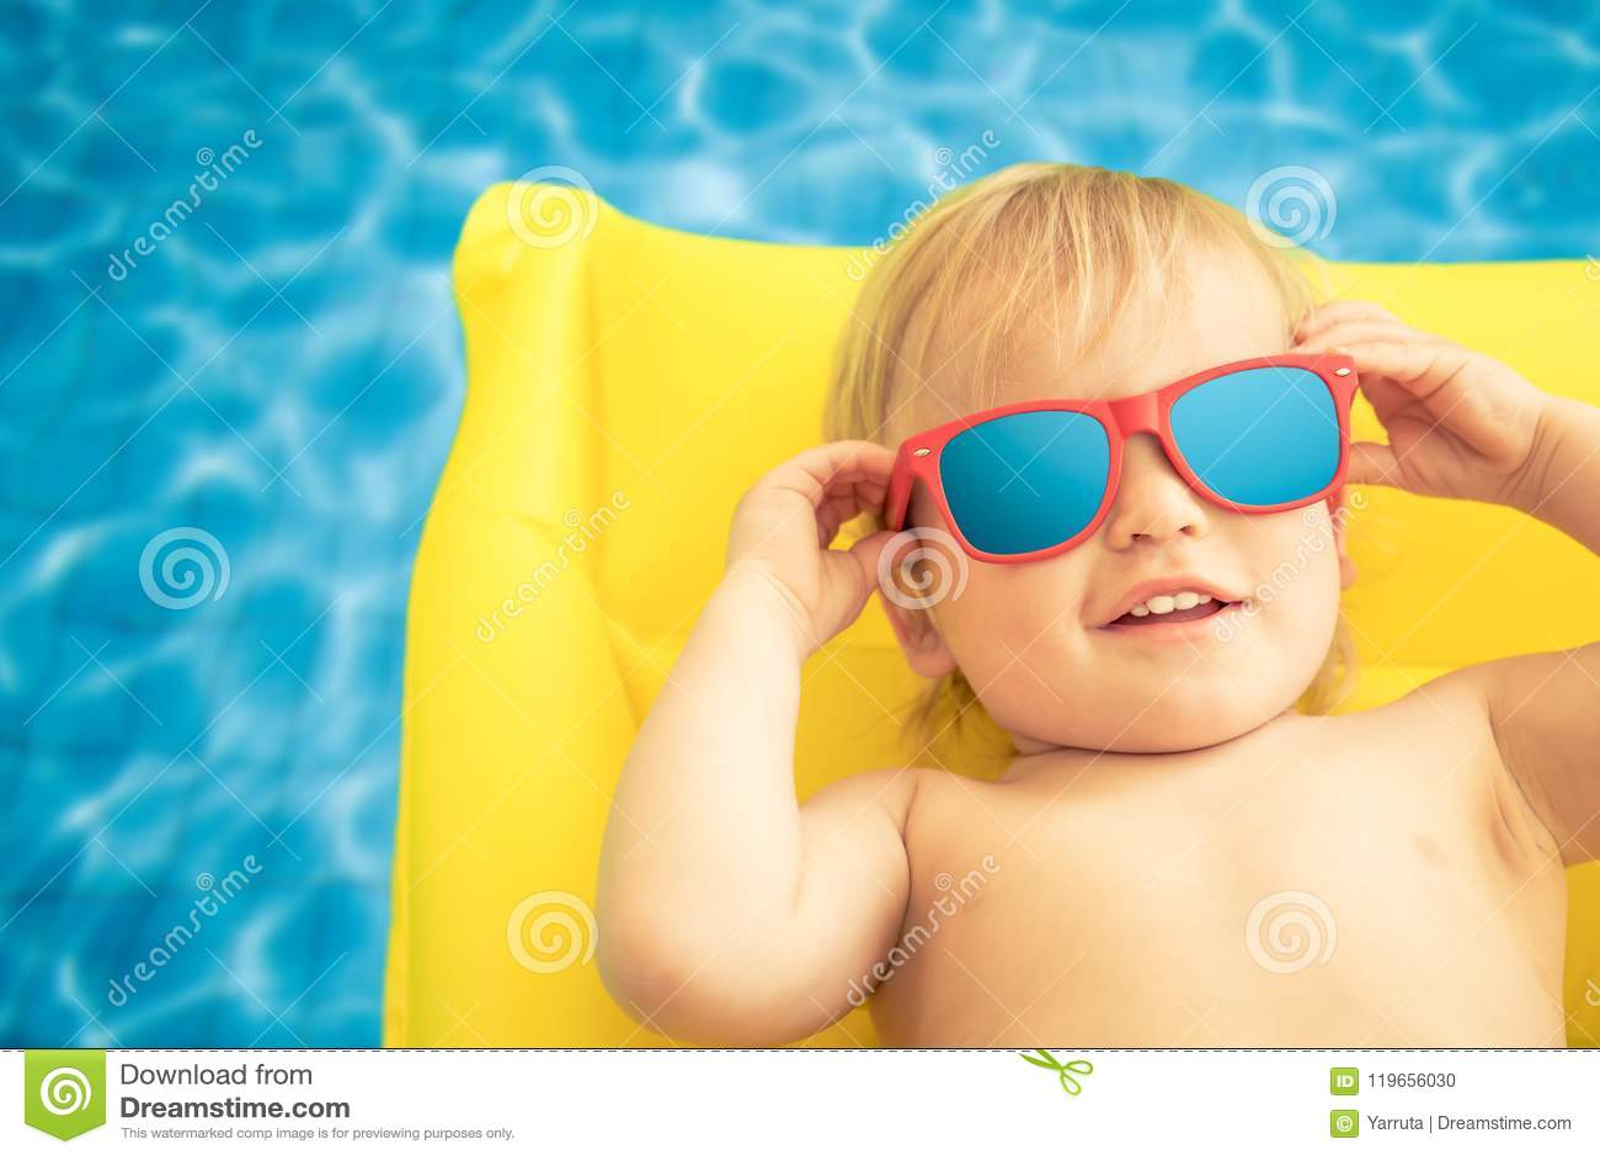 Neonato divertente sulle vacanze estive